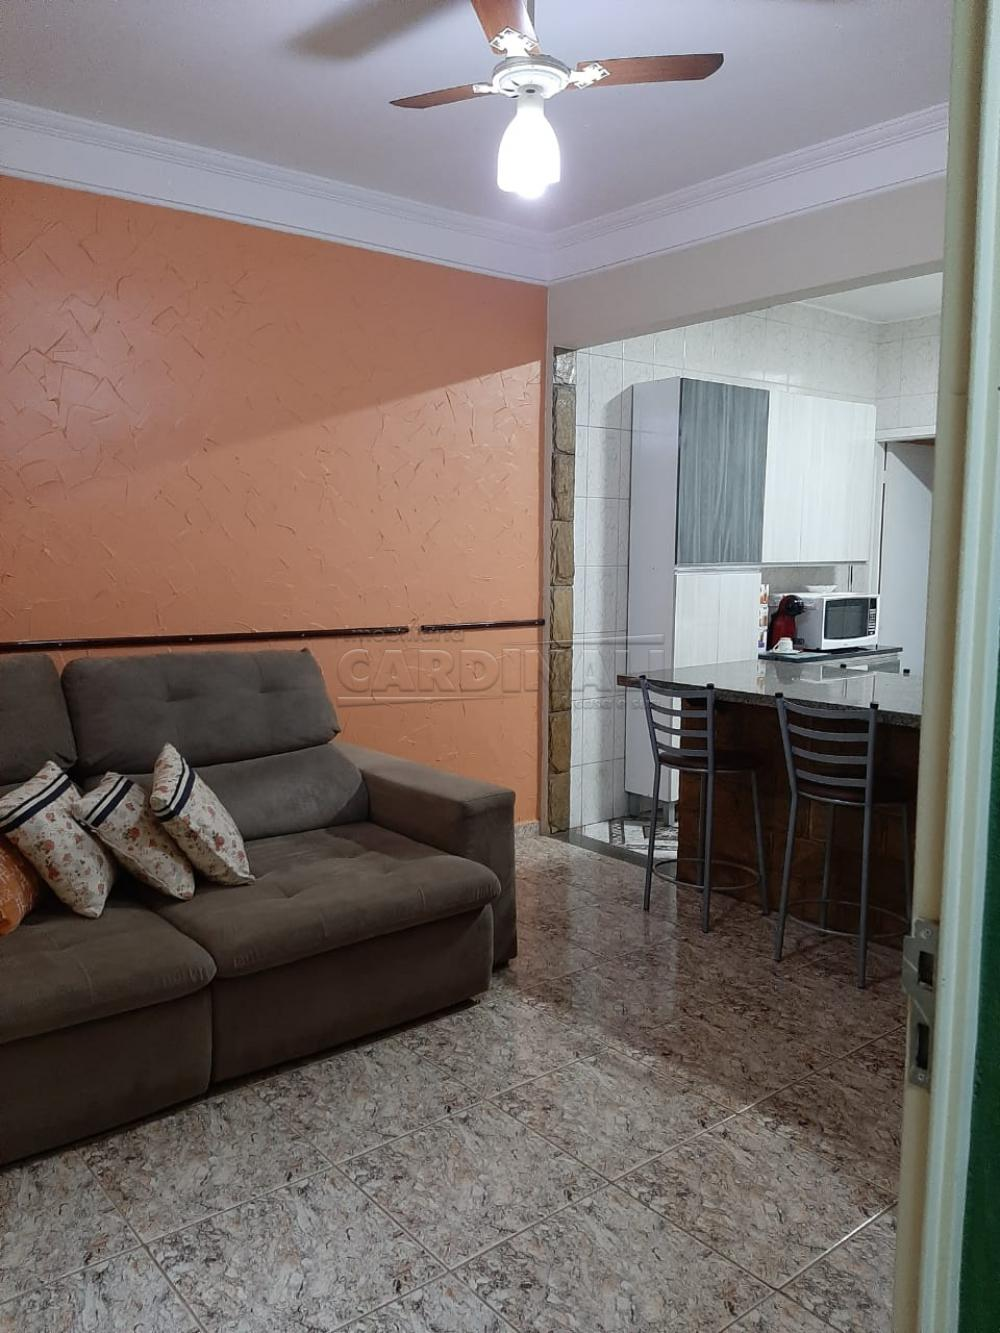 Comprar Casa / Padrão em São Carlos apenas R$ 373.000,00 - Foto 5